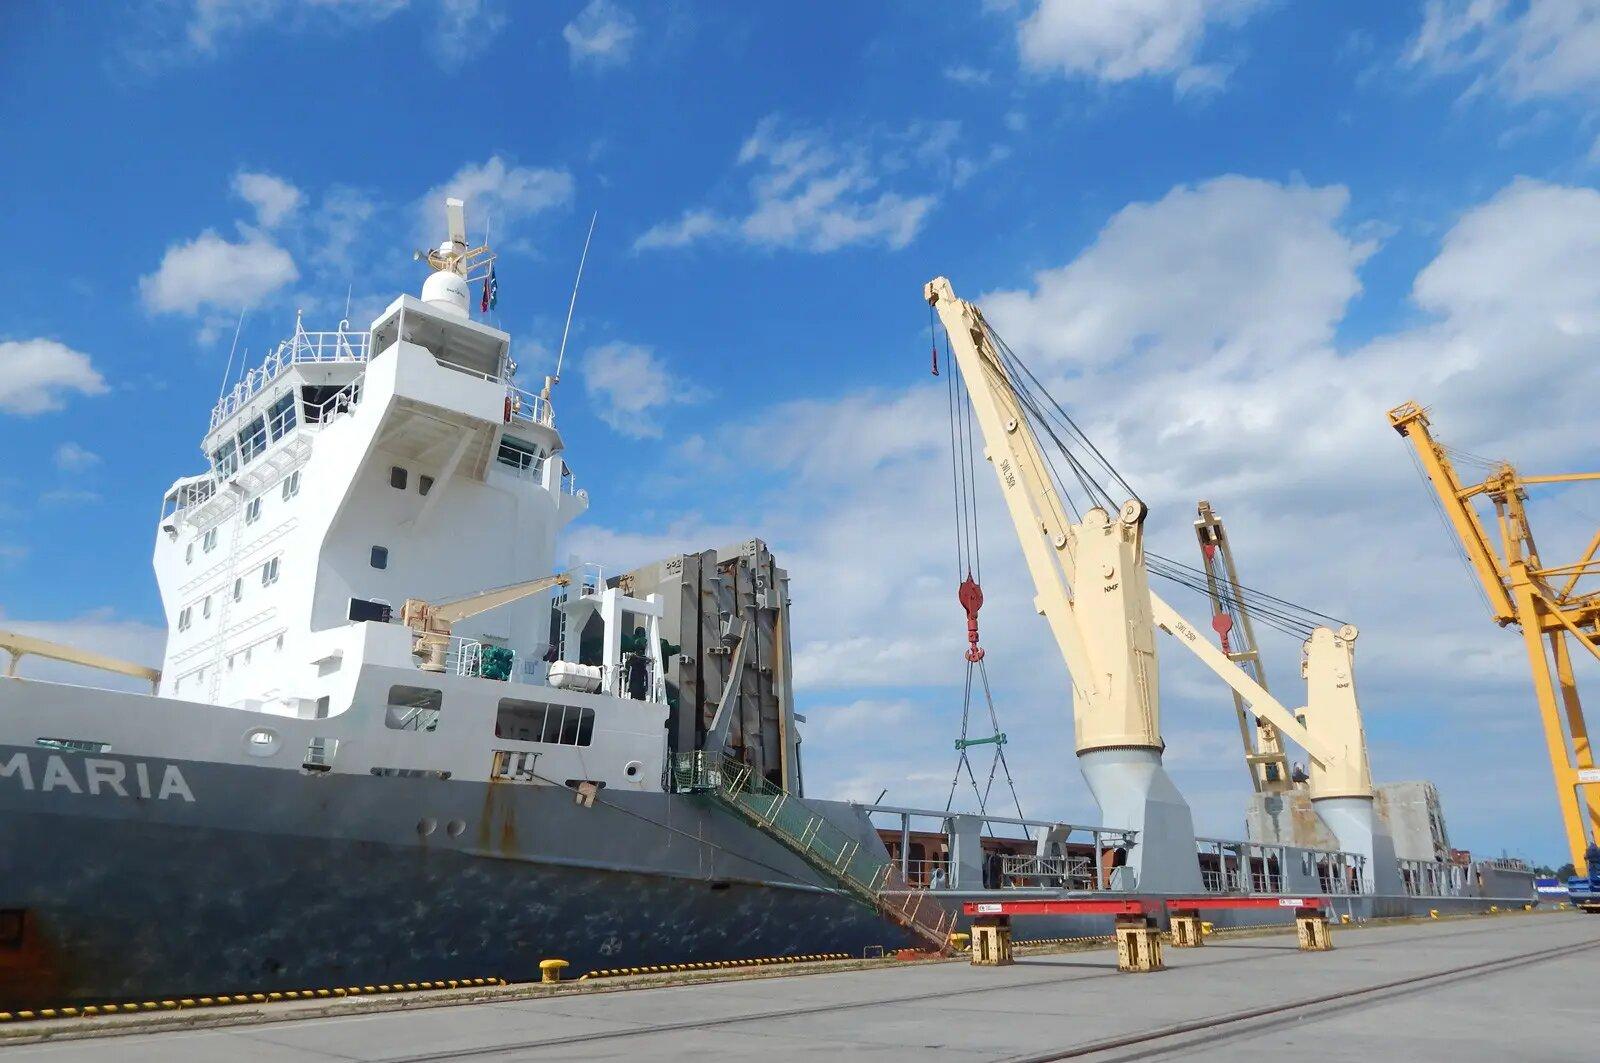 Rozwiązania transportowe, transport morski, statek w porcie morskim